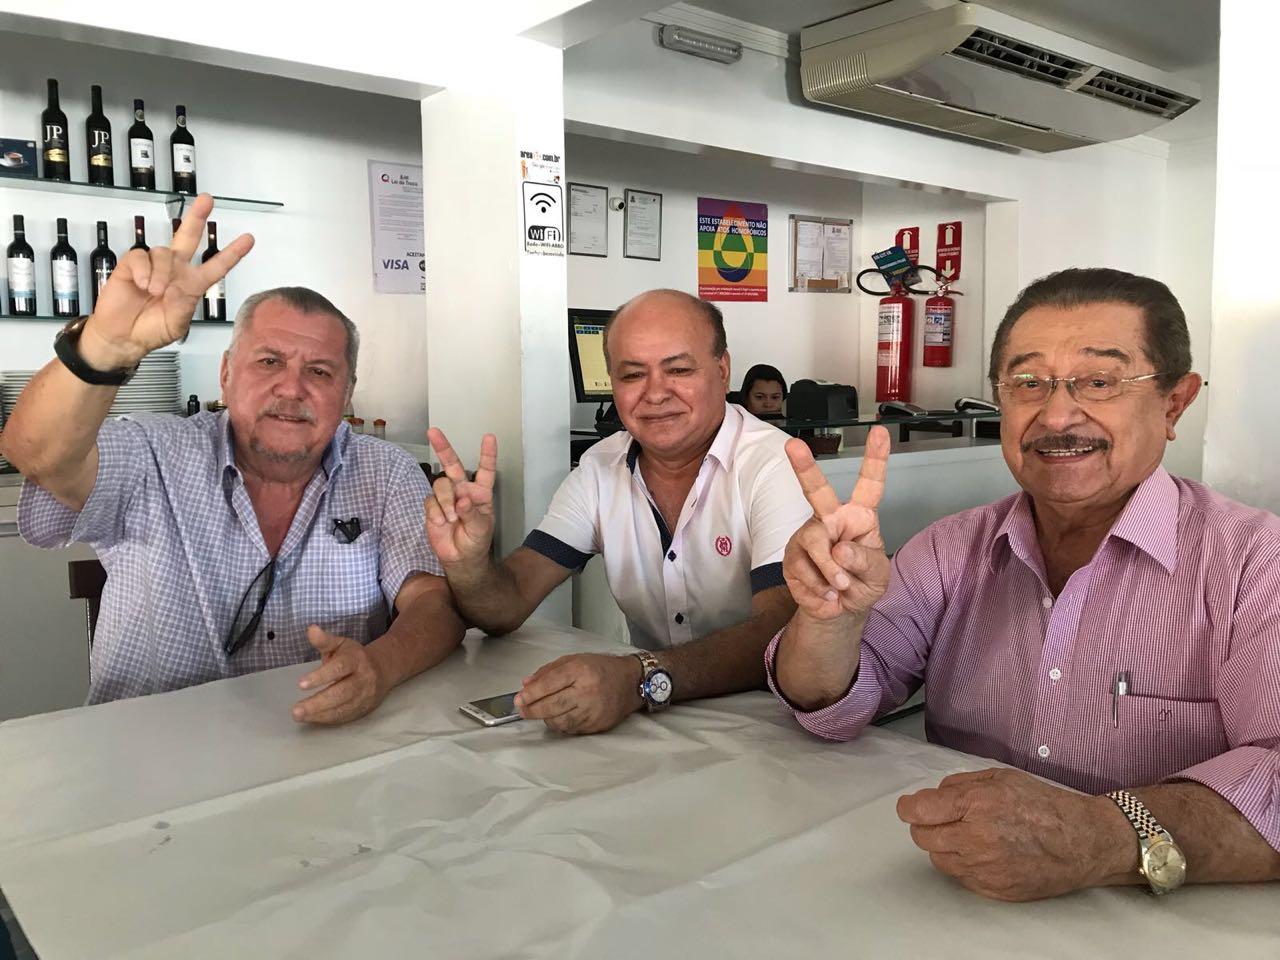 Santa Helena - Ex-prefeito de Santa Helena declara apoio a Zé Maranhão